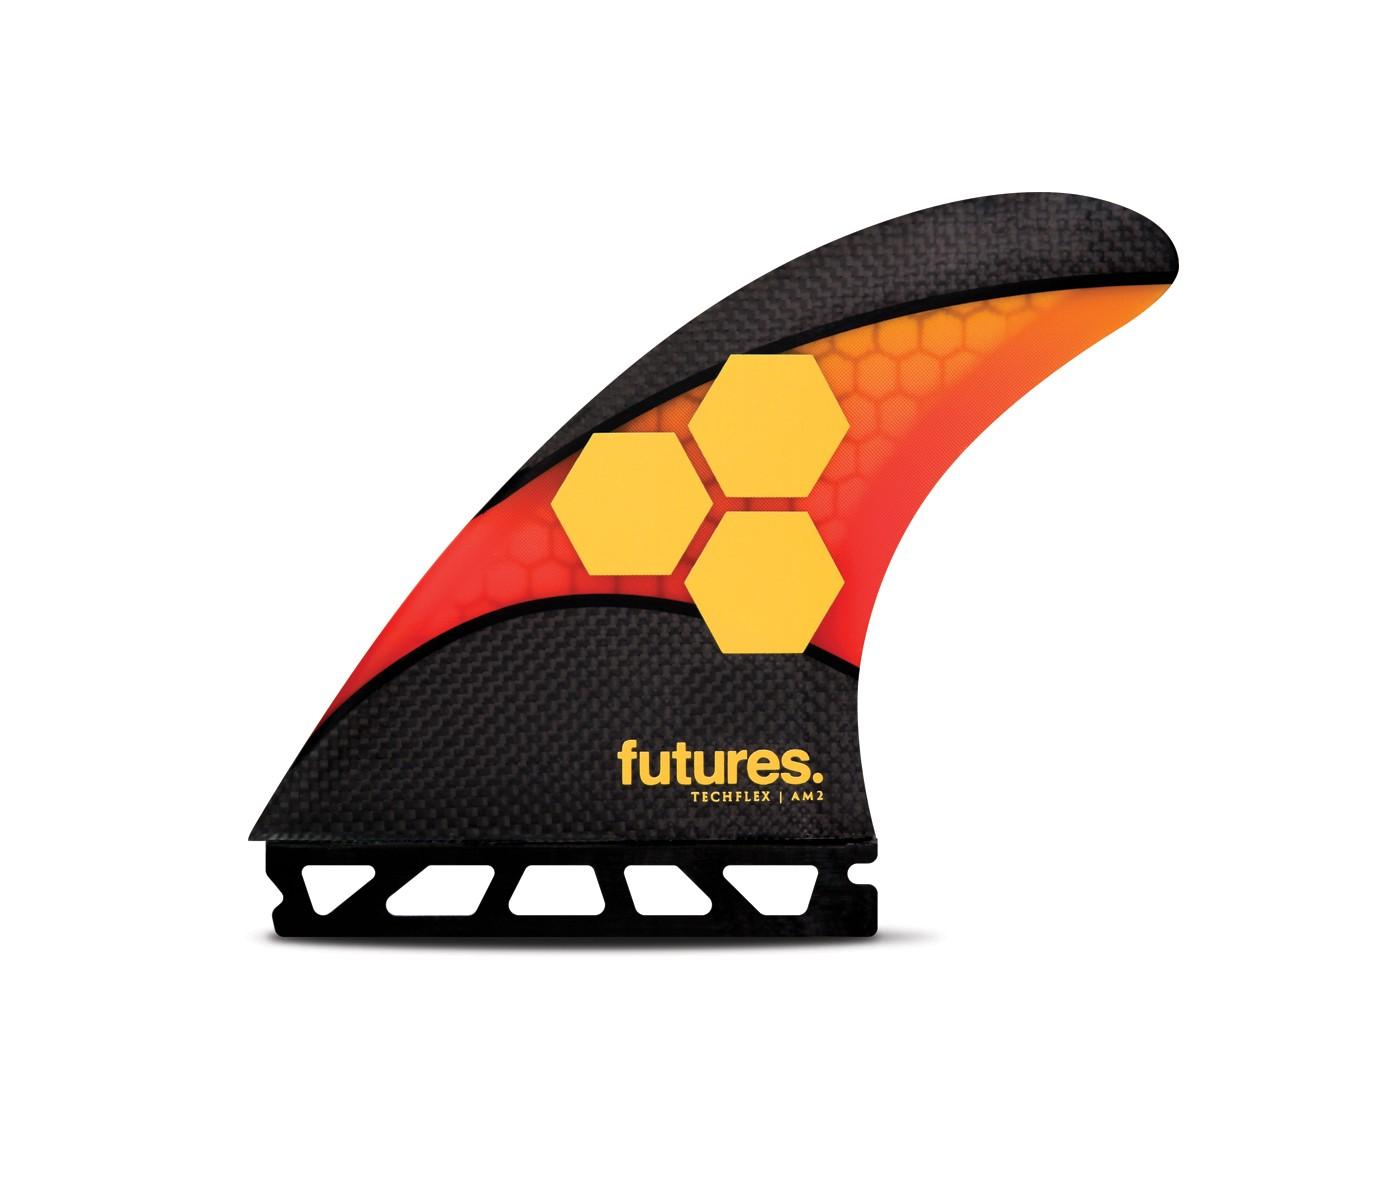 フューチャーフィン FUTURE FIN AM2 Techflex アルメリック モデル発売!TRI FIN【3本フィン】 Futures Fins AM2 Techflex